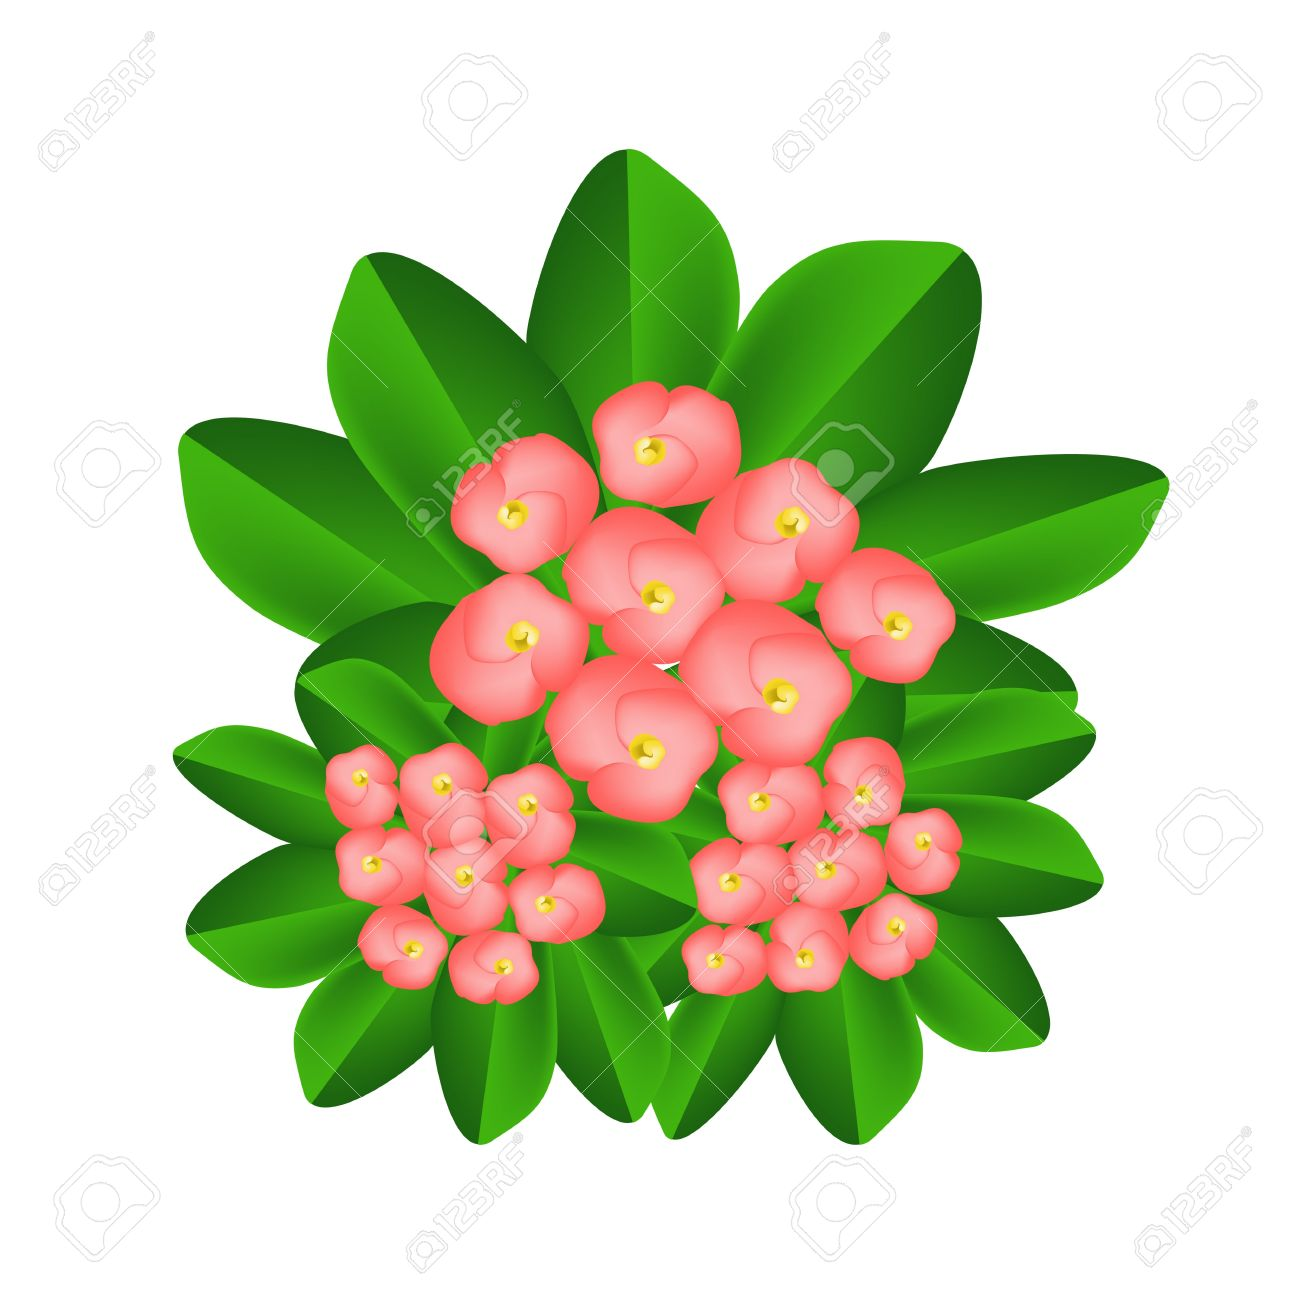 Flower crown clipart free download best flower crown clipart on 1300x1300 white flower clipart group flower izmirmasajfo